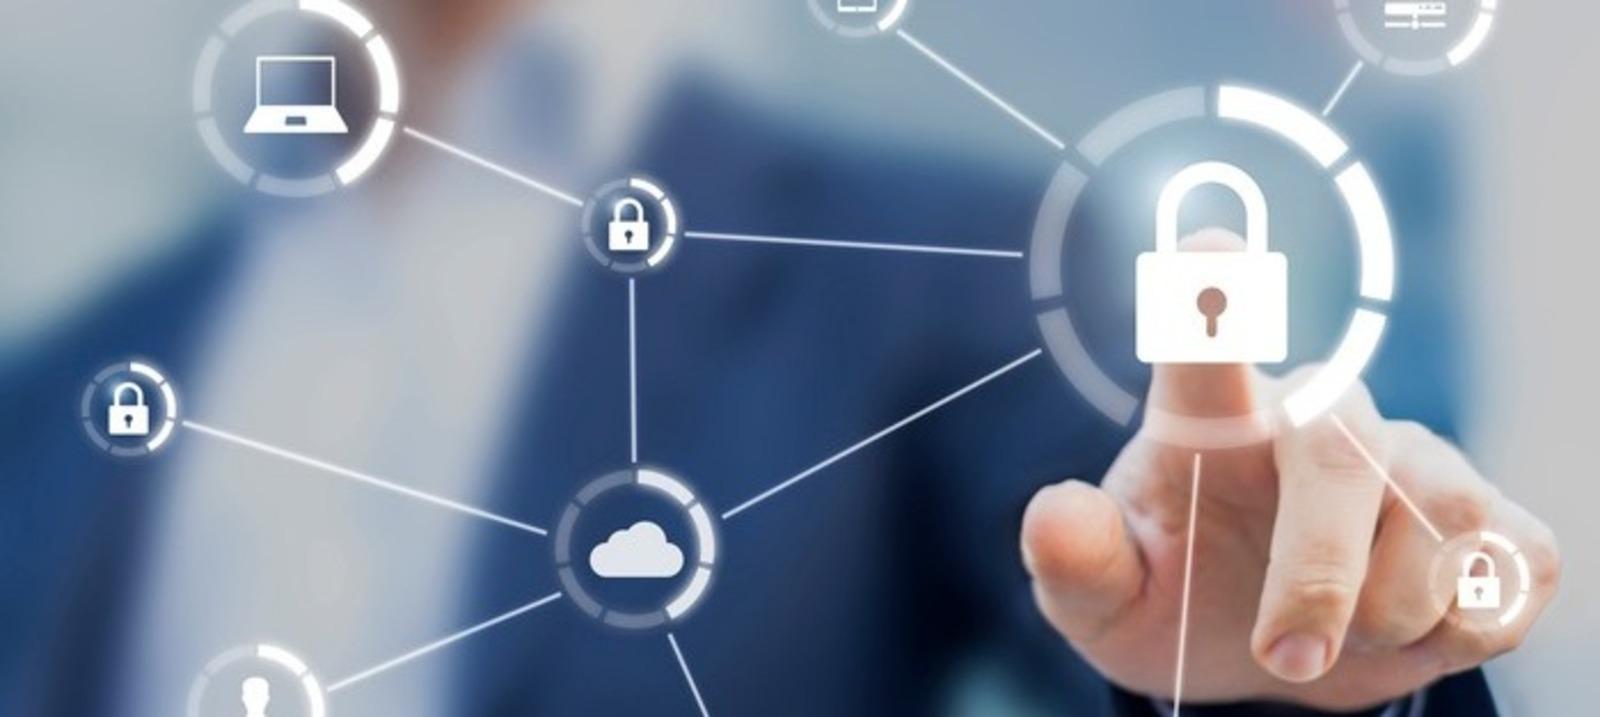 10 enseñanzas que nos dejan los ciberataques para mejorar la seguridad informática